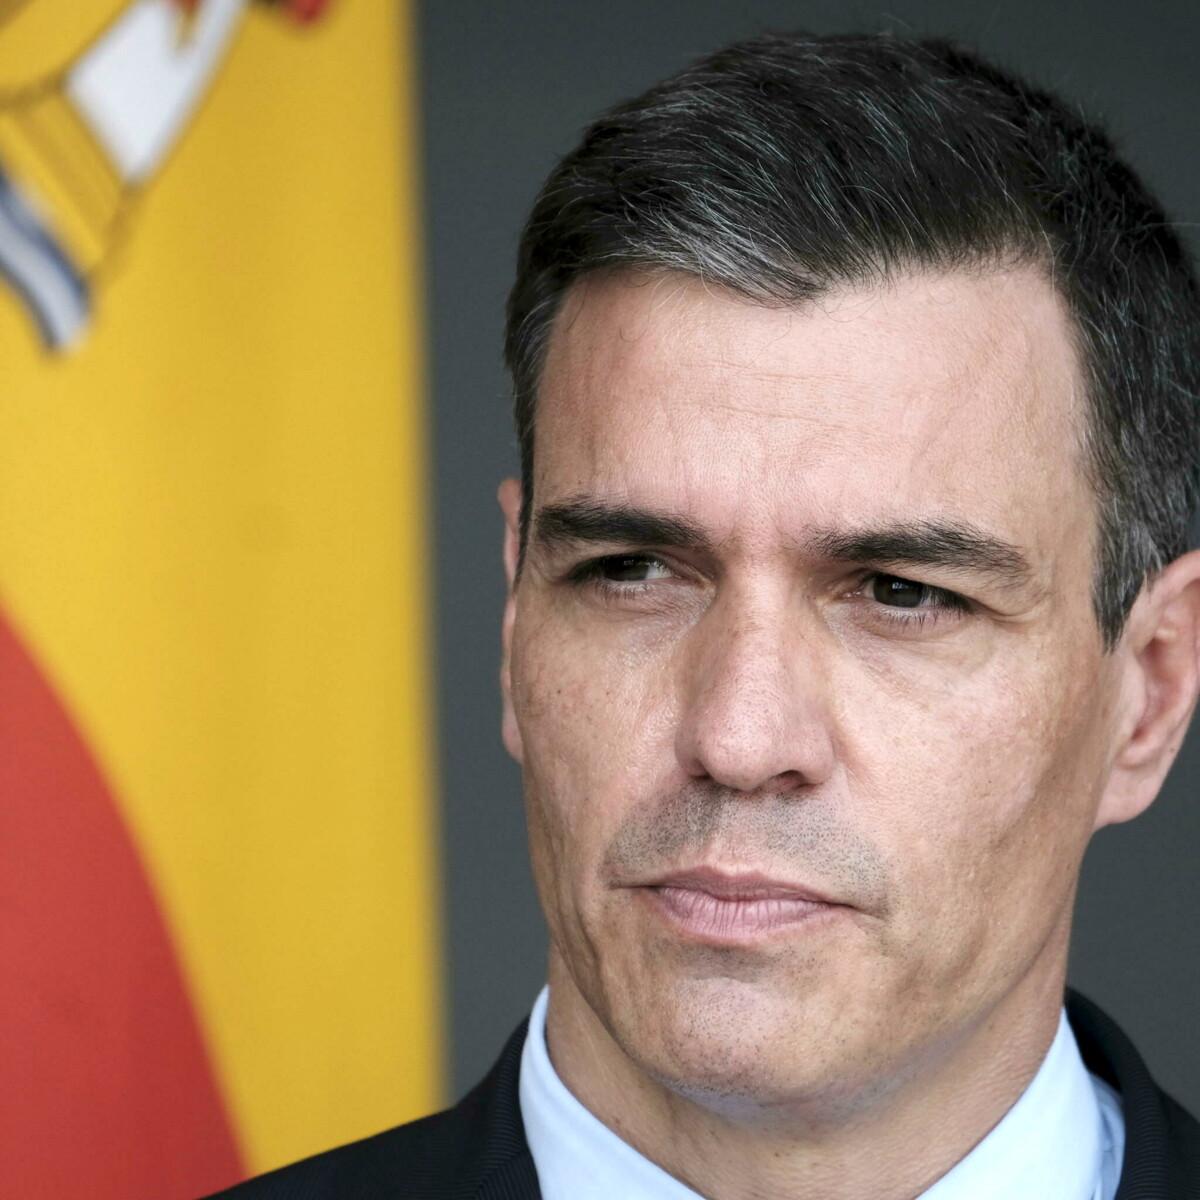 La Spagna punta sul posto fisso: oltre 30mila assunzioni nel settore pubblico entro l'anno (con il Recovery fund)